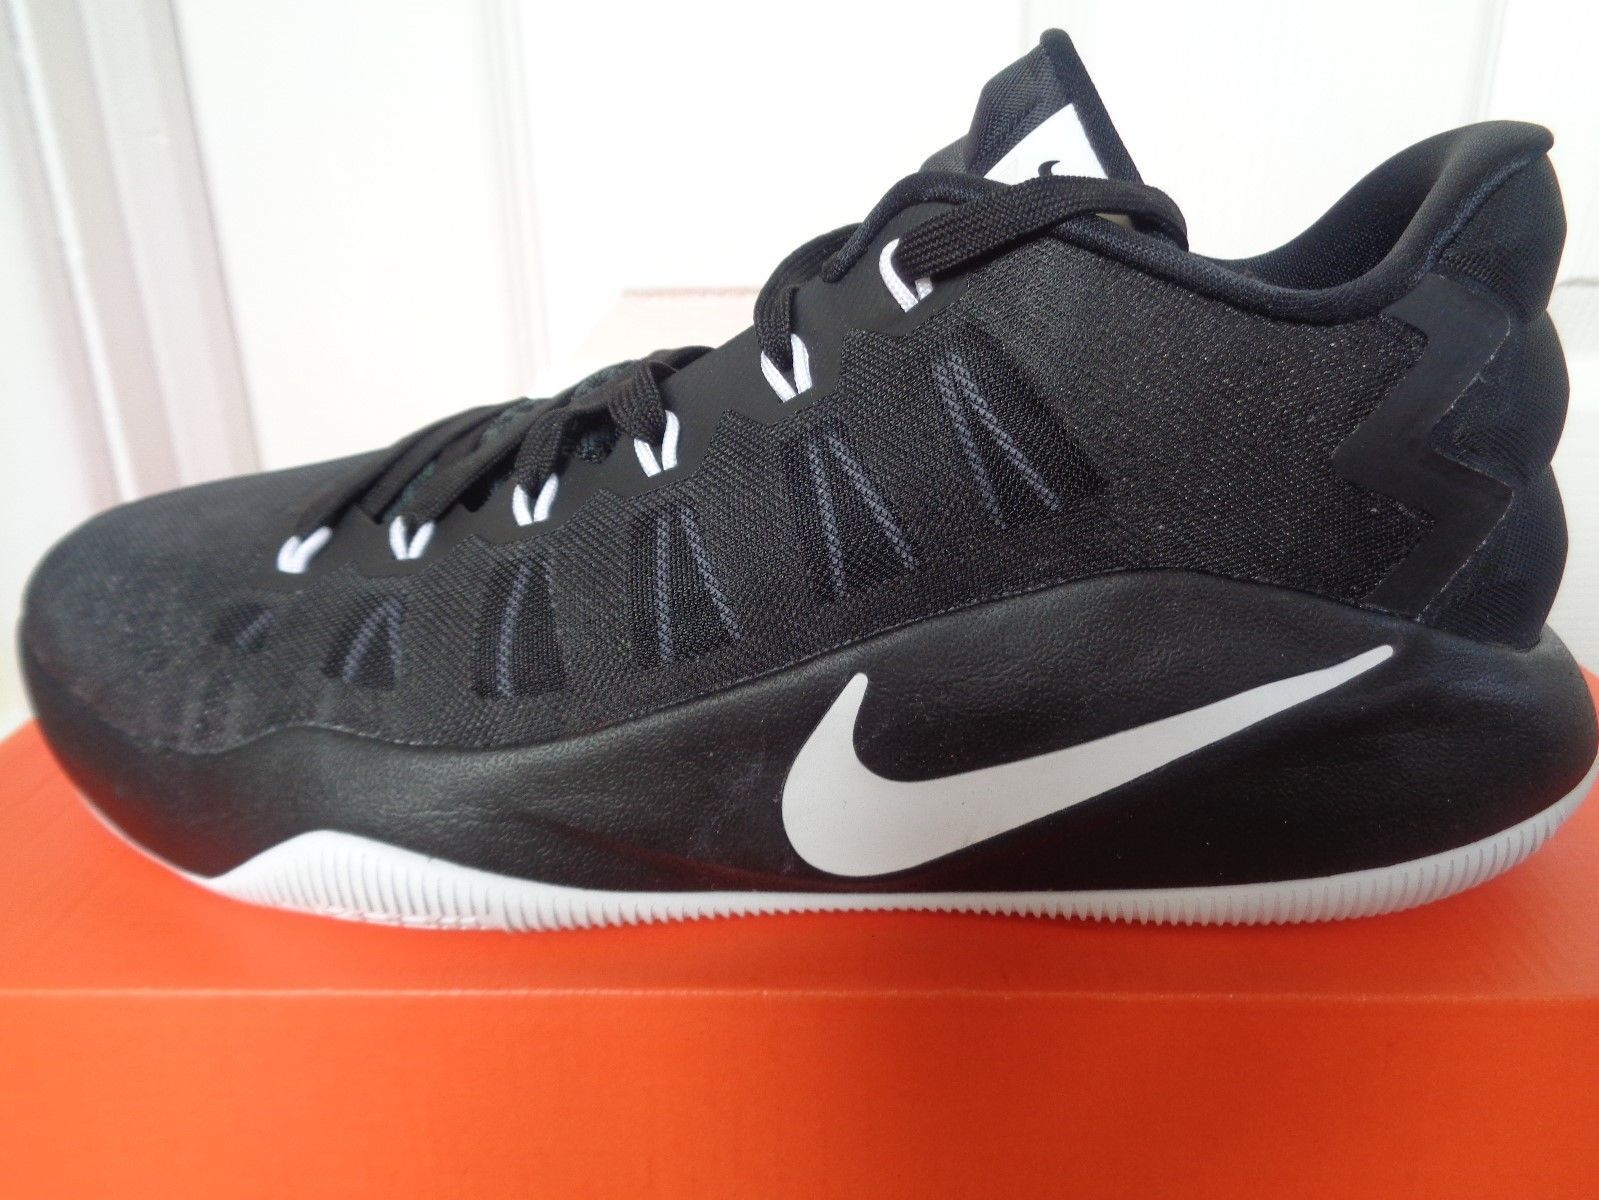 Nike hyperdunk 2018 de bajo los hombres zapatos de 2018 baloncesto 844363 001 comodo 848a8c